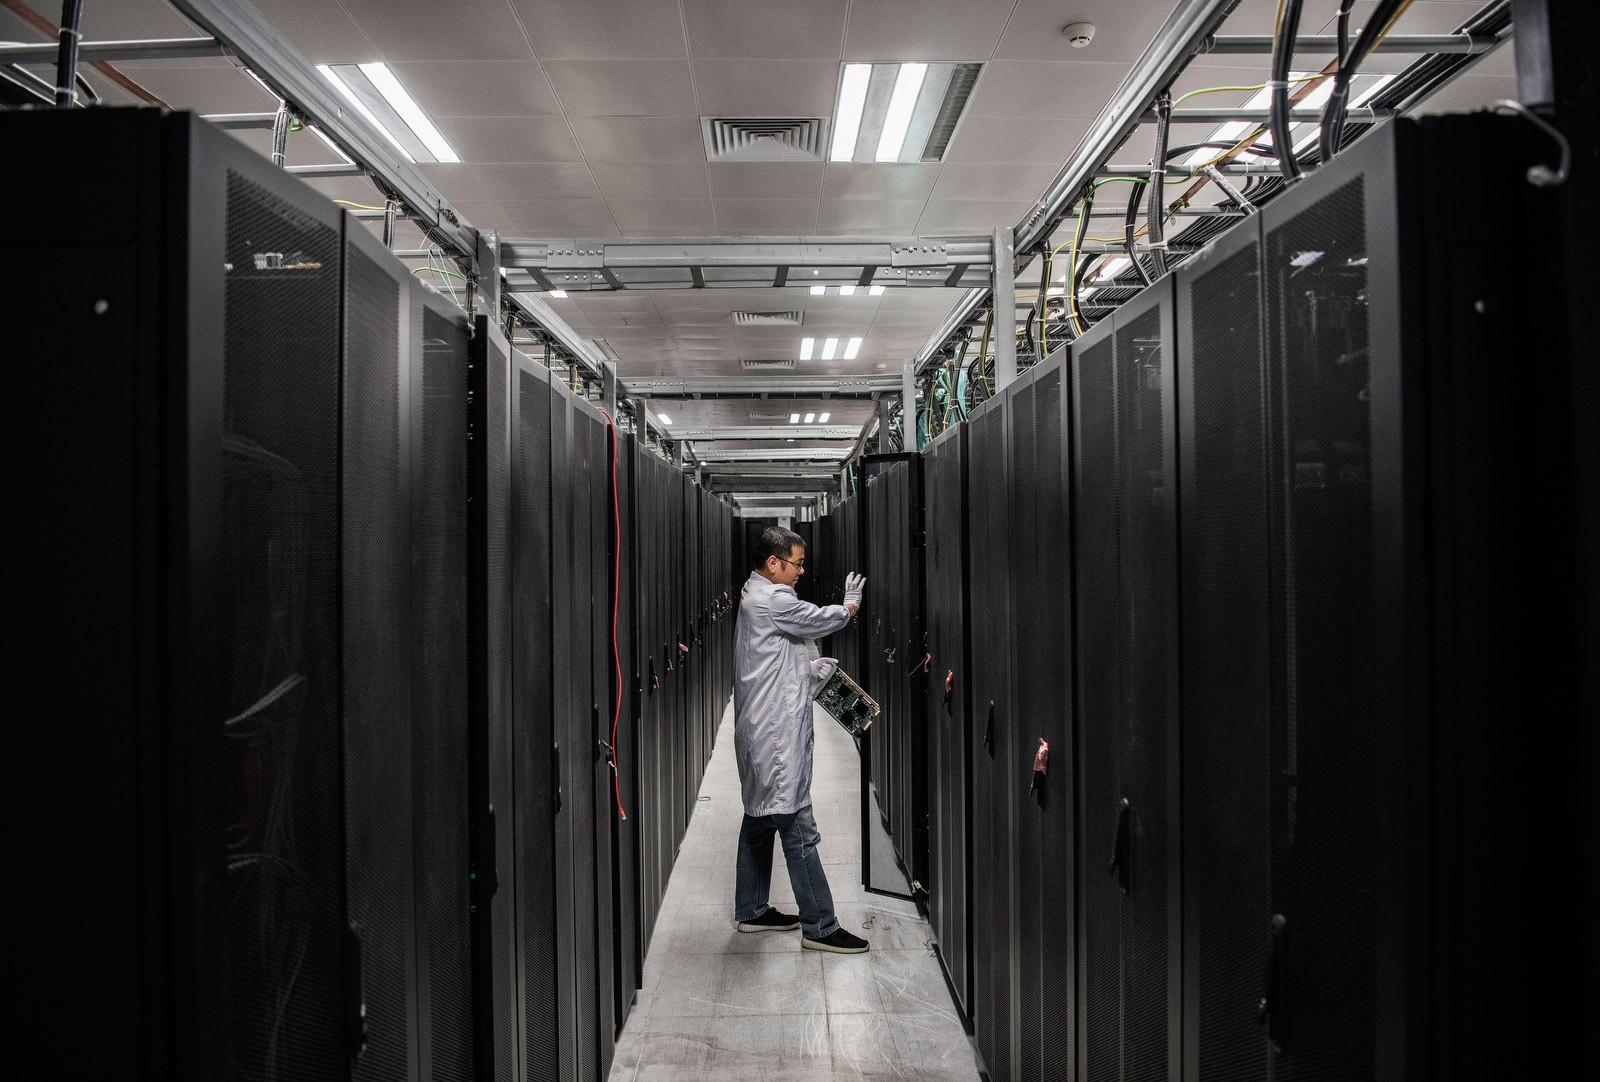 Bên trong Huawei: Đế chế công nghệ bí ẩn của thế giới nhưng là niềm mơ ước của người lao động Trung Quốc - Ảnh 7.